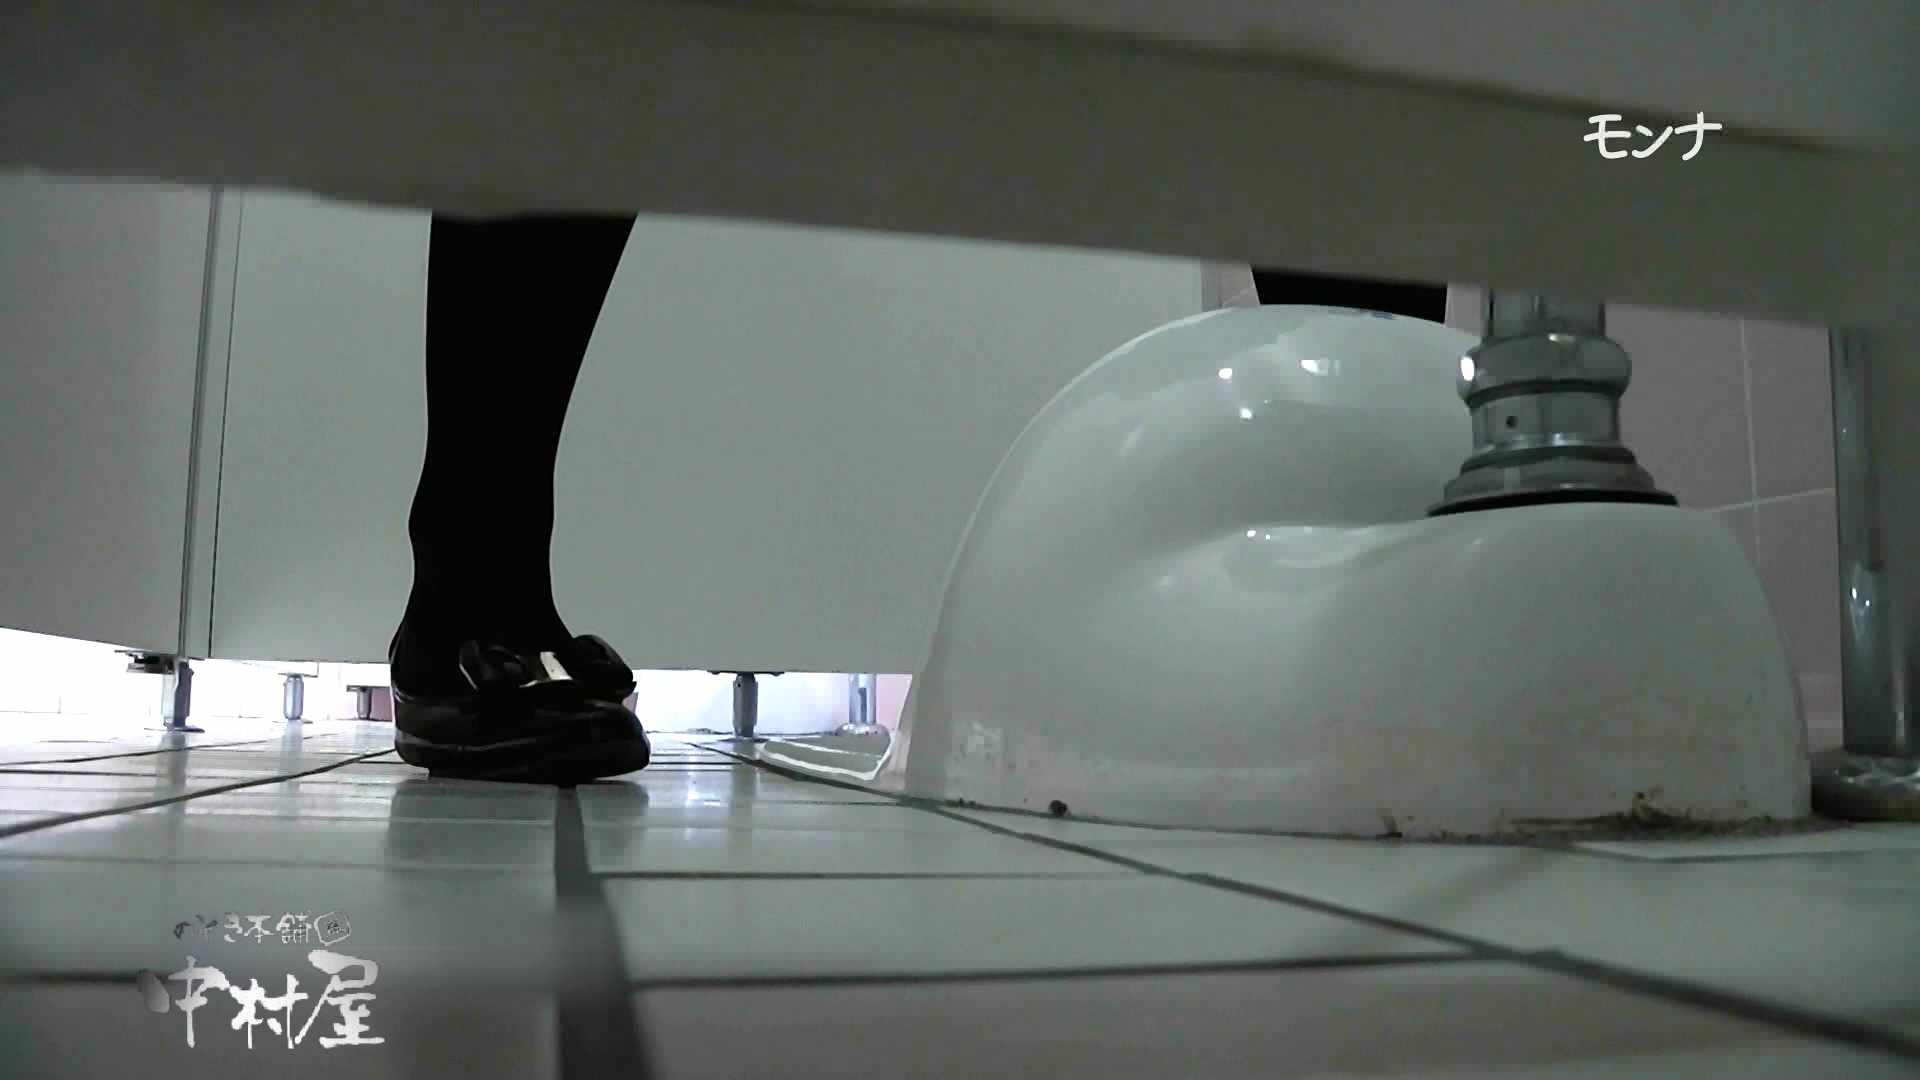 【美しい日本の未来】遂に!!戸田恵梨香似の予告モデル登場ダッシュで「大」後編 Hなモデル  105pic 46